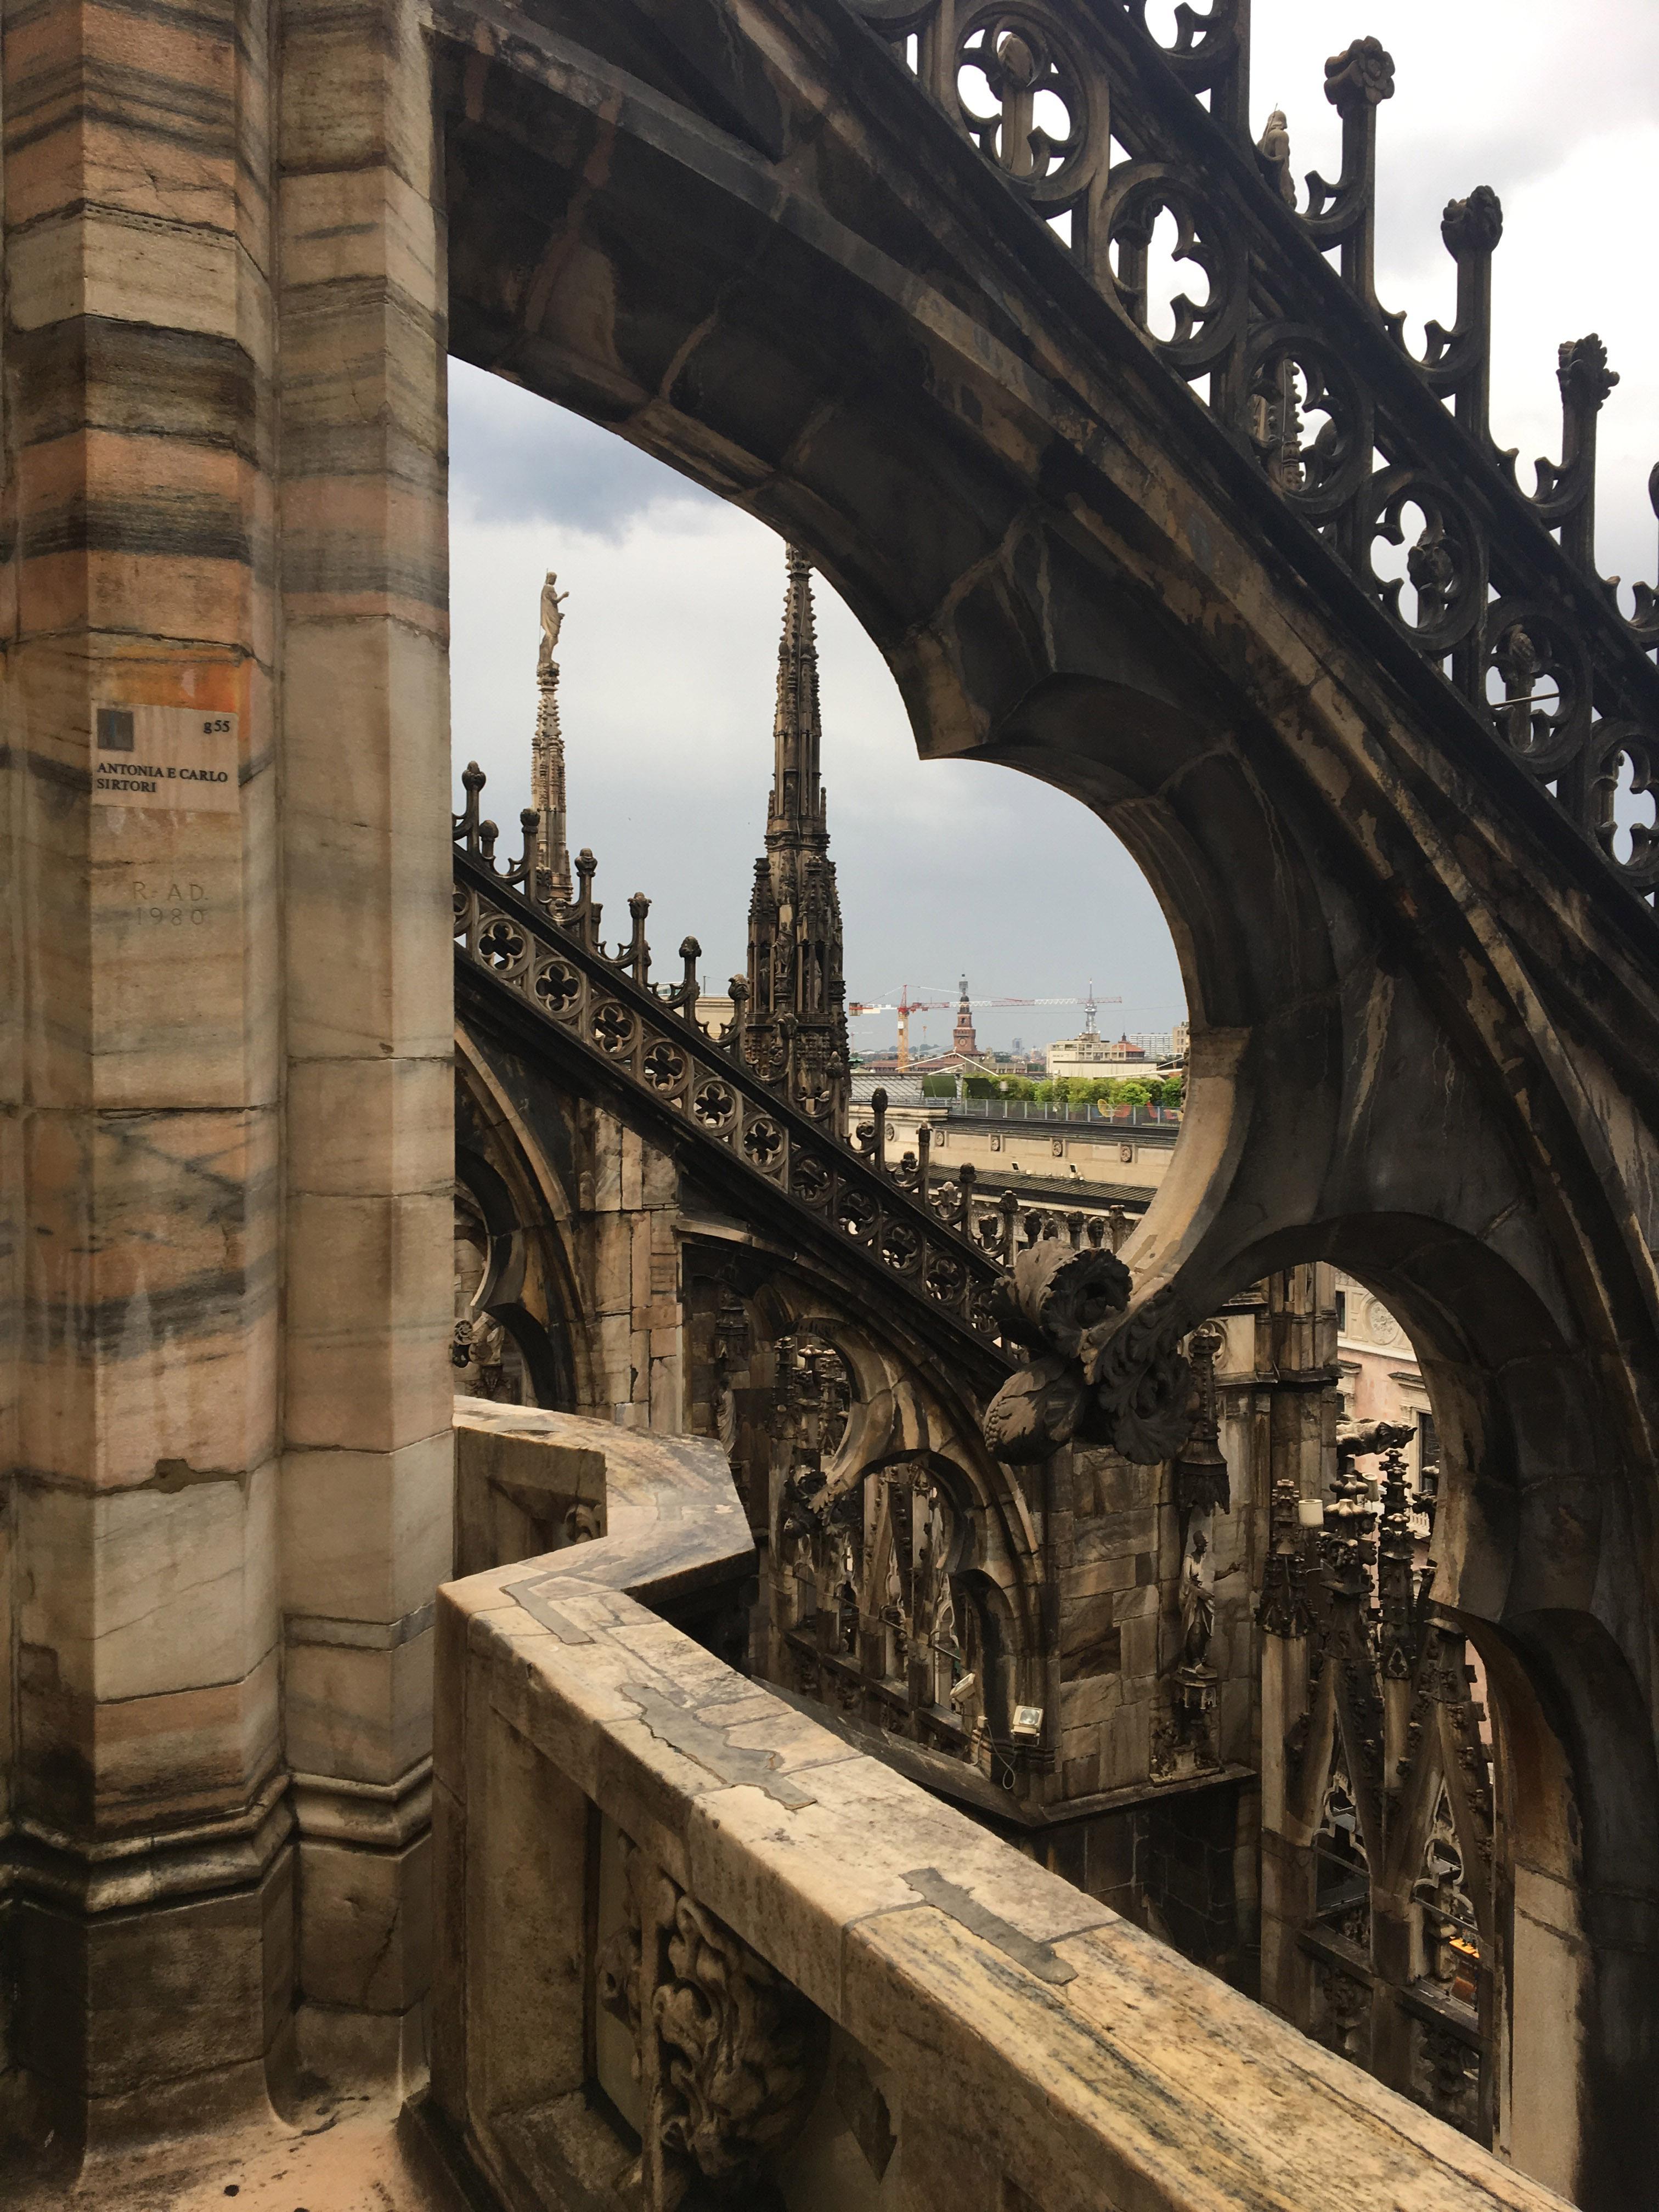 Duomo Roof Views